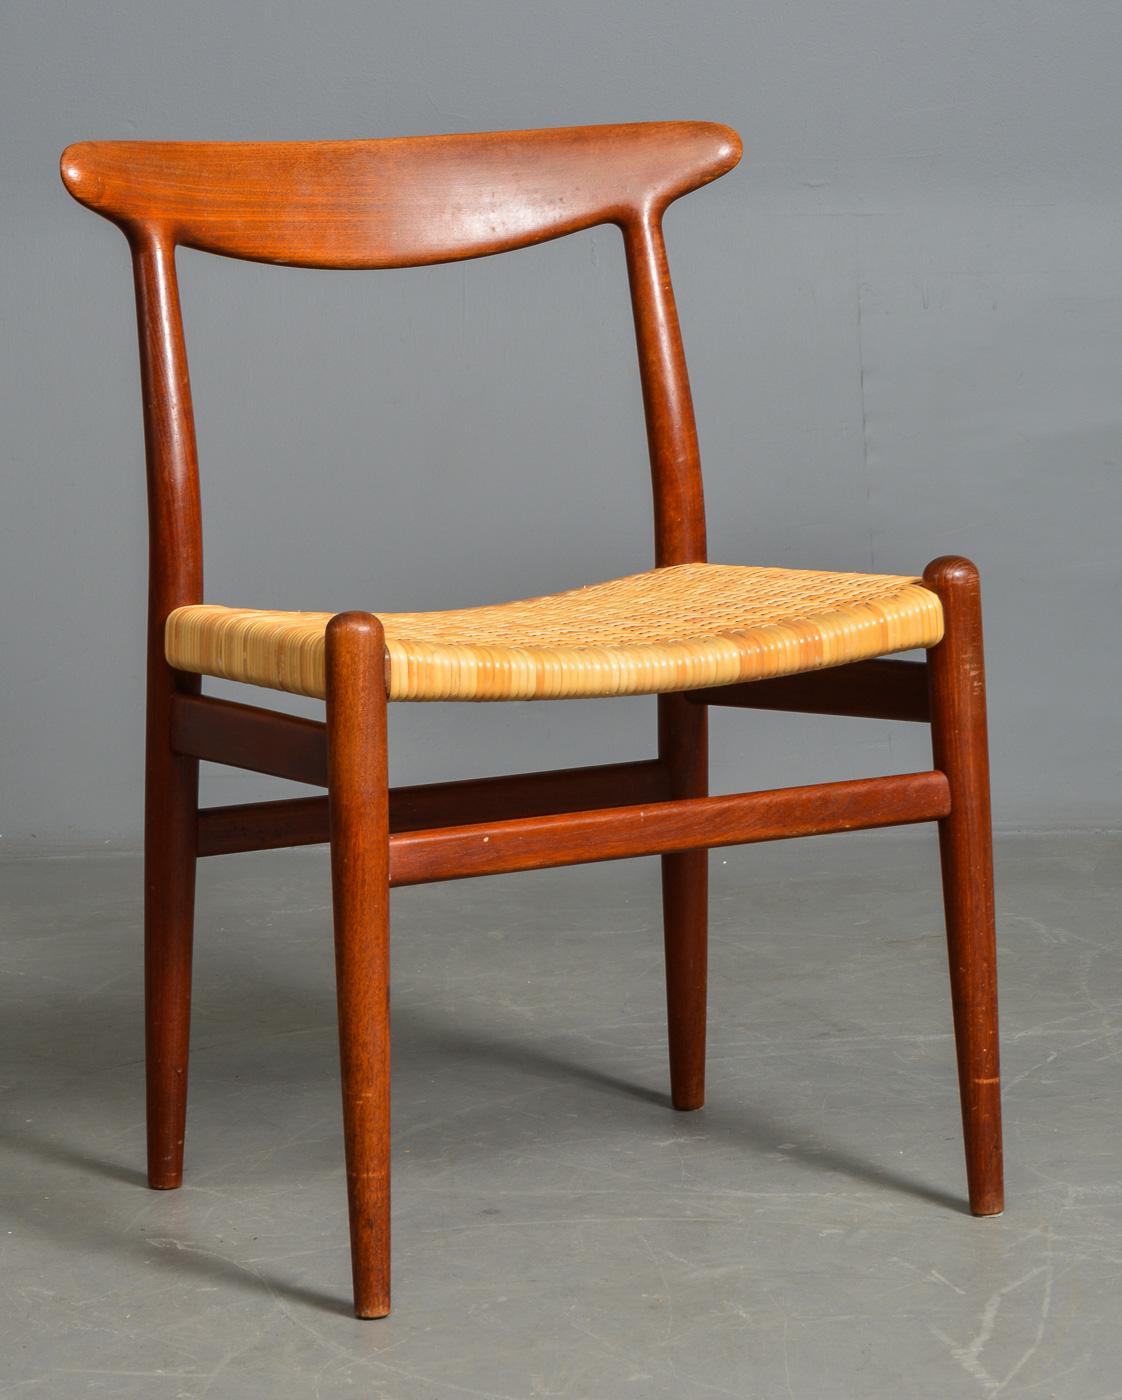 teak stol Auktionstipset   H. J. Wegner. Stol af teak m. sjeneflet, C. M. Madsen teak stol